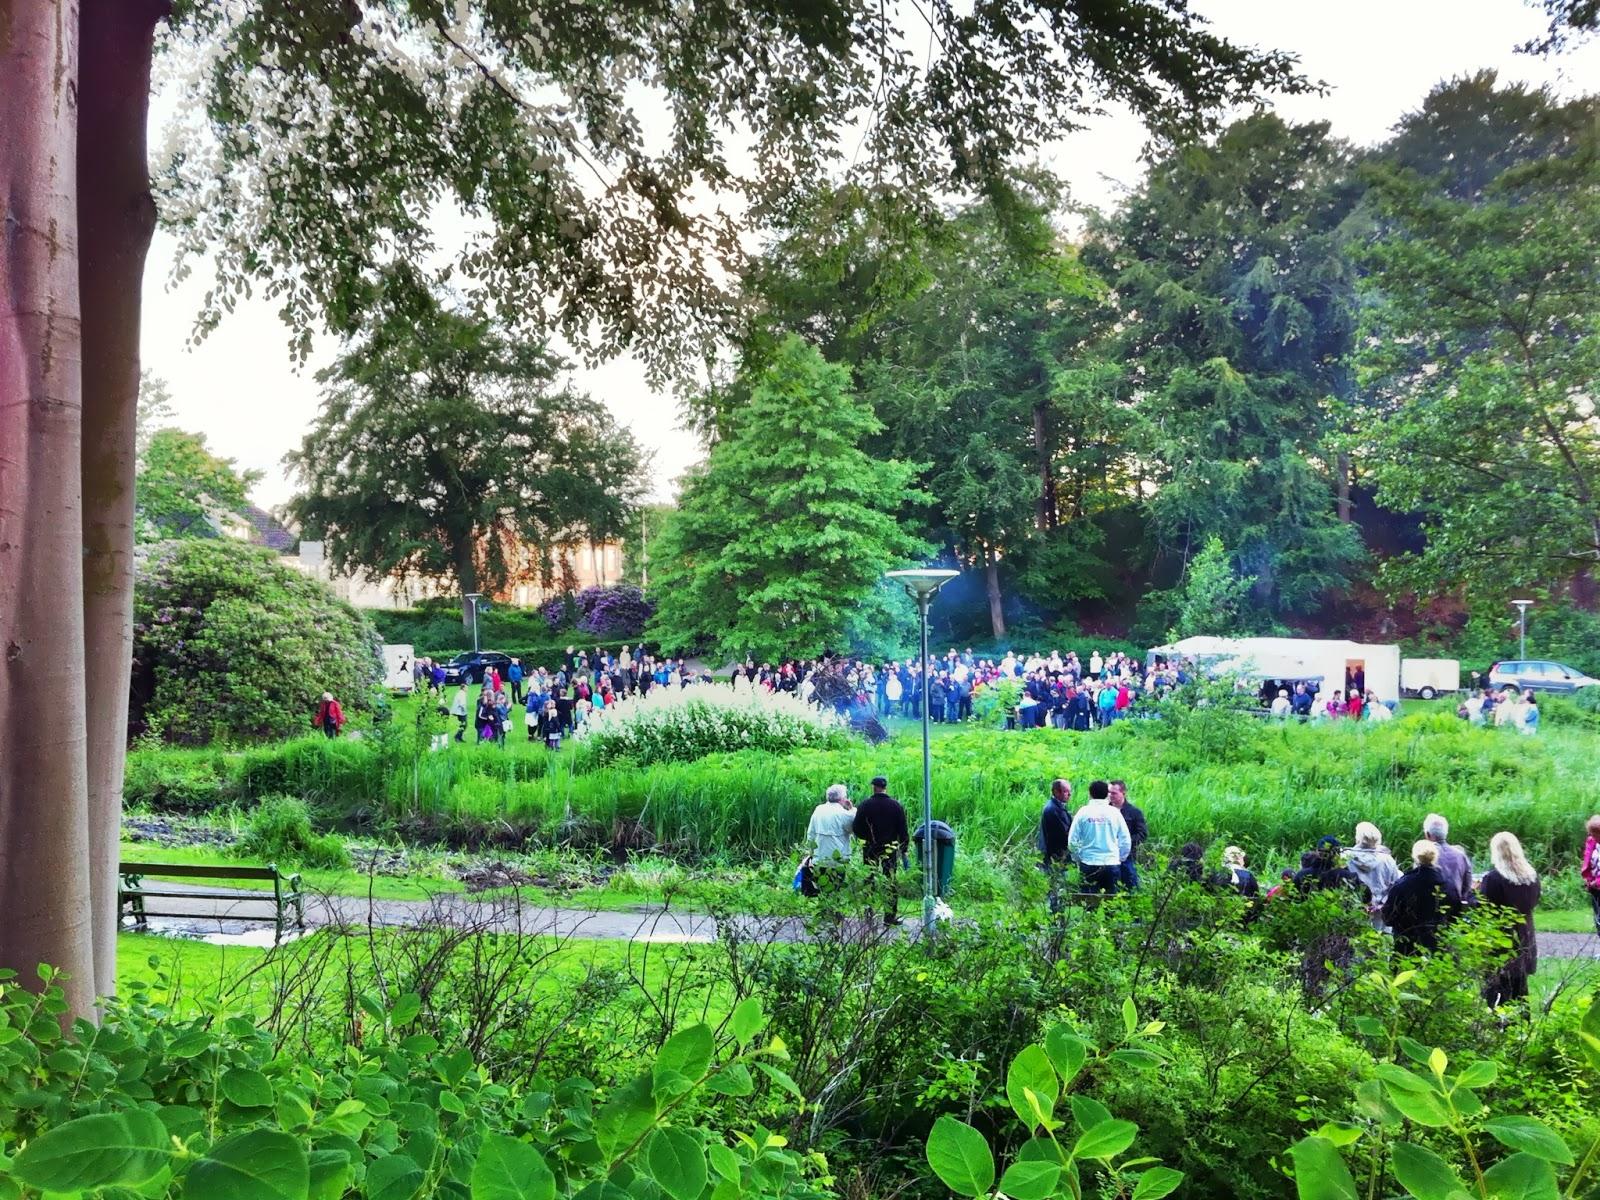 Holstebro Foto Blog: Sankt Hans aften i Anlægget, Holstebro Park, Holstebro